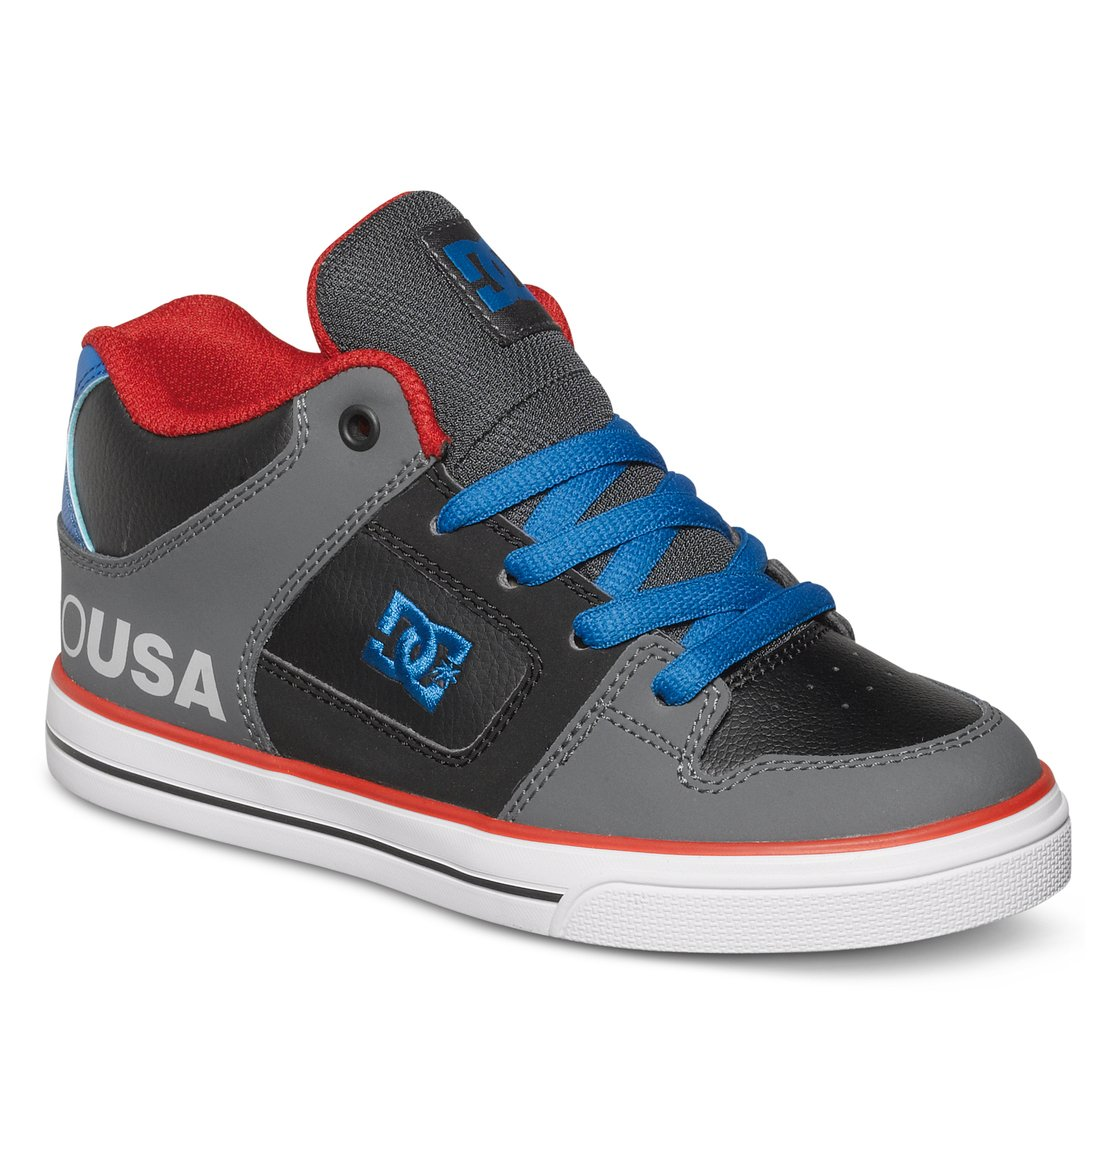 Купить Обувь для малышей 2-4 лет   Radar